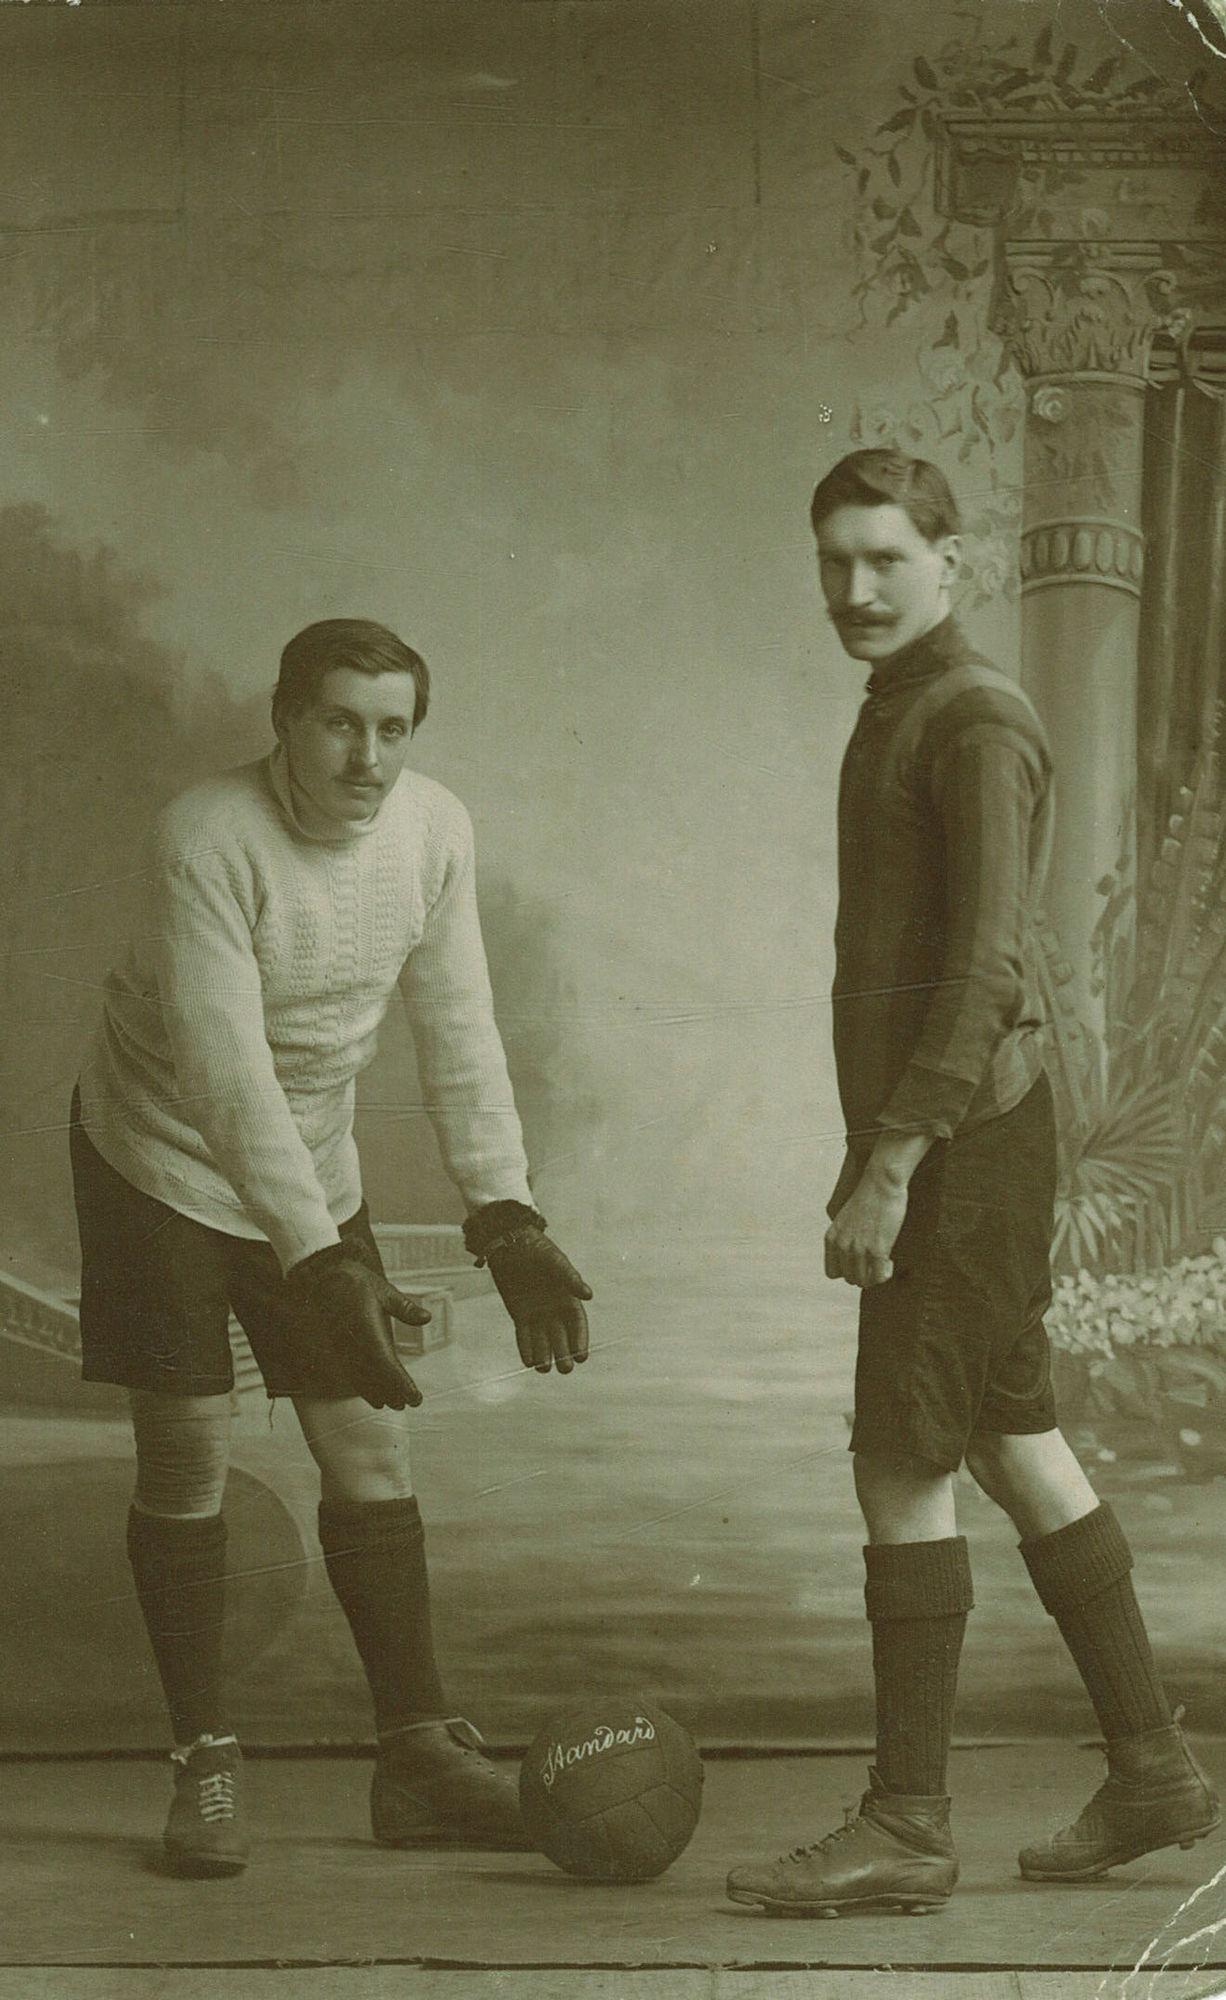 Voetballers bij de rijkswacht in Avelgem